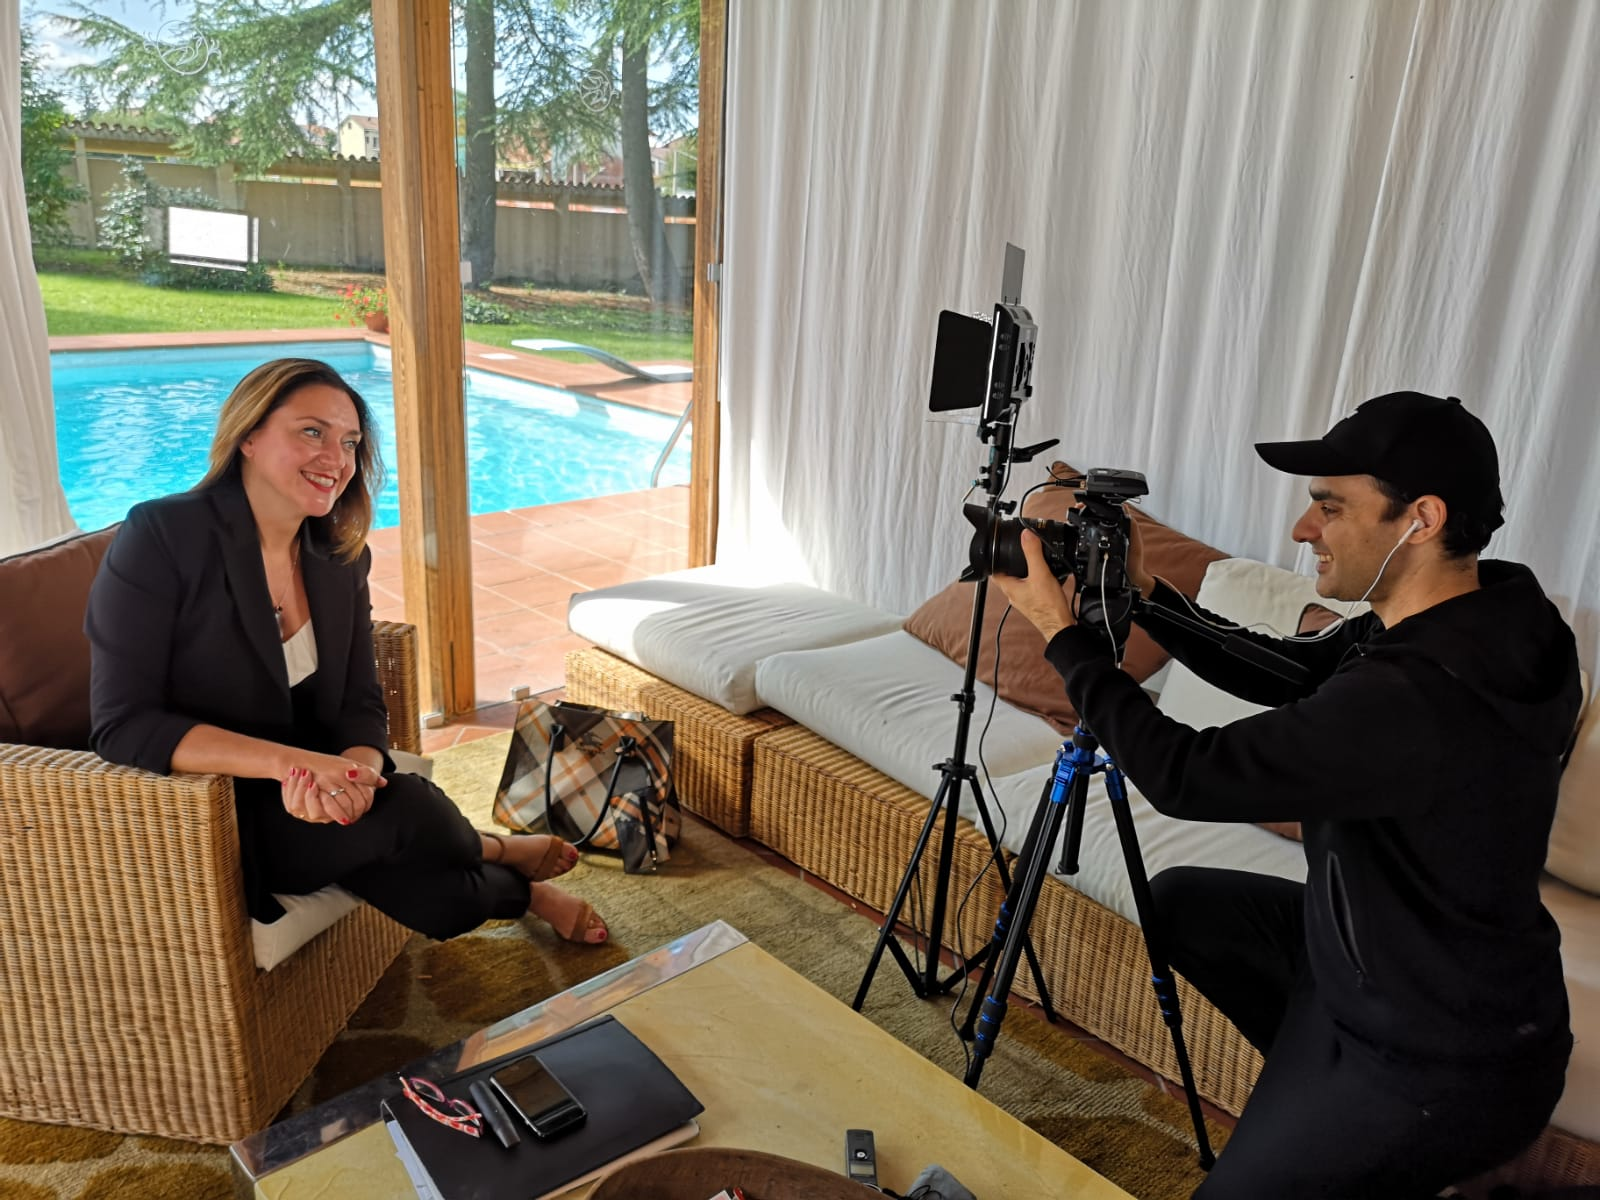 Silvia Rossi Real Estate e Massimiliano Zeuli di Overlook Art mentre girano il corso di social media marketing per agenti immobiliari.